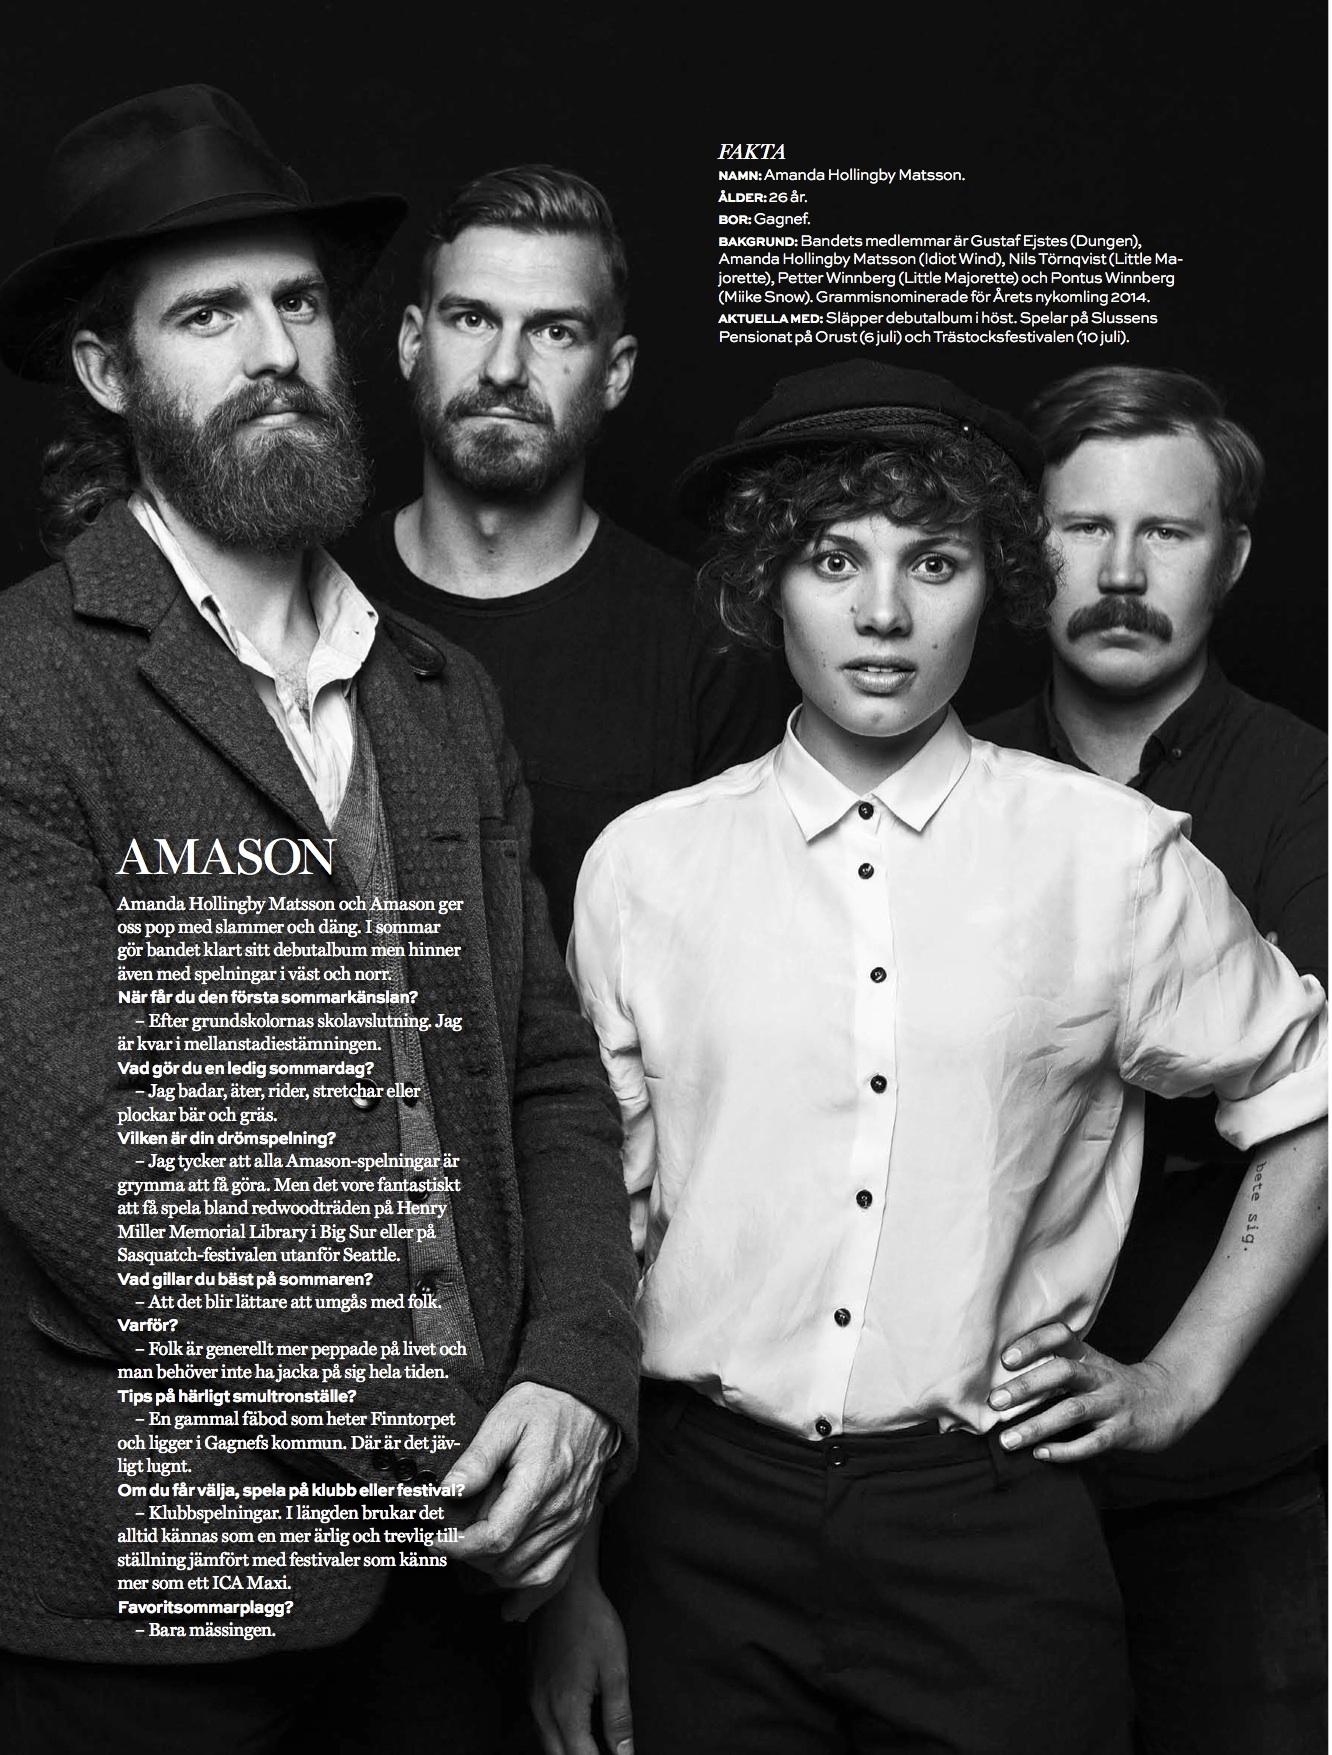 Plaza-magazine-Amason.jpg